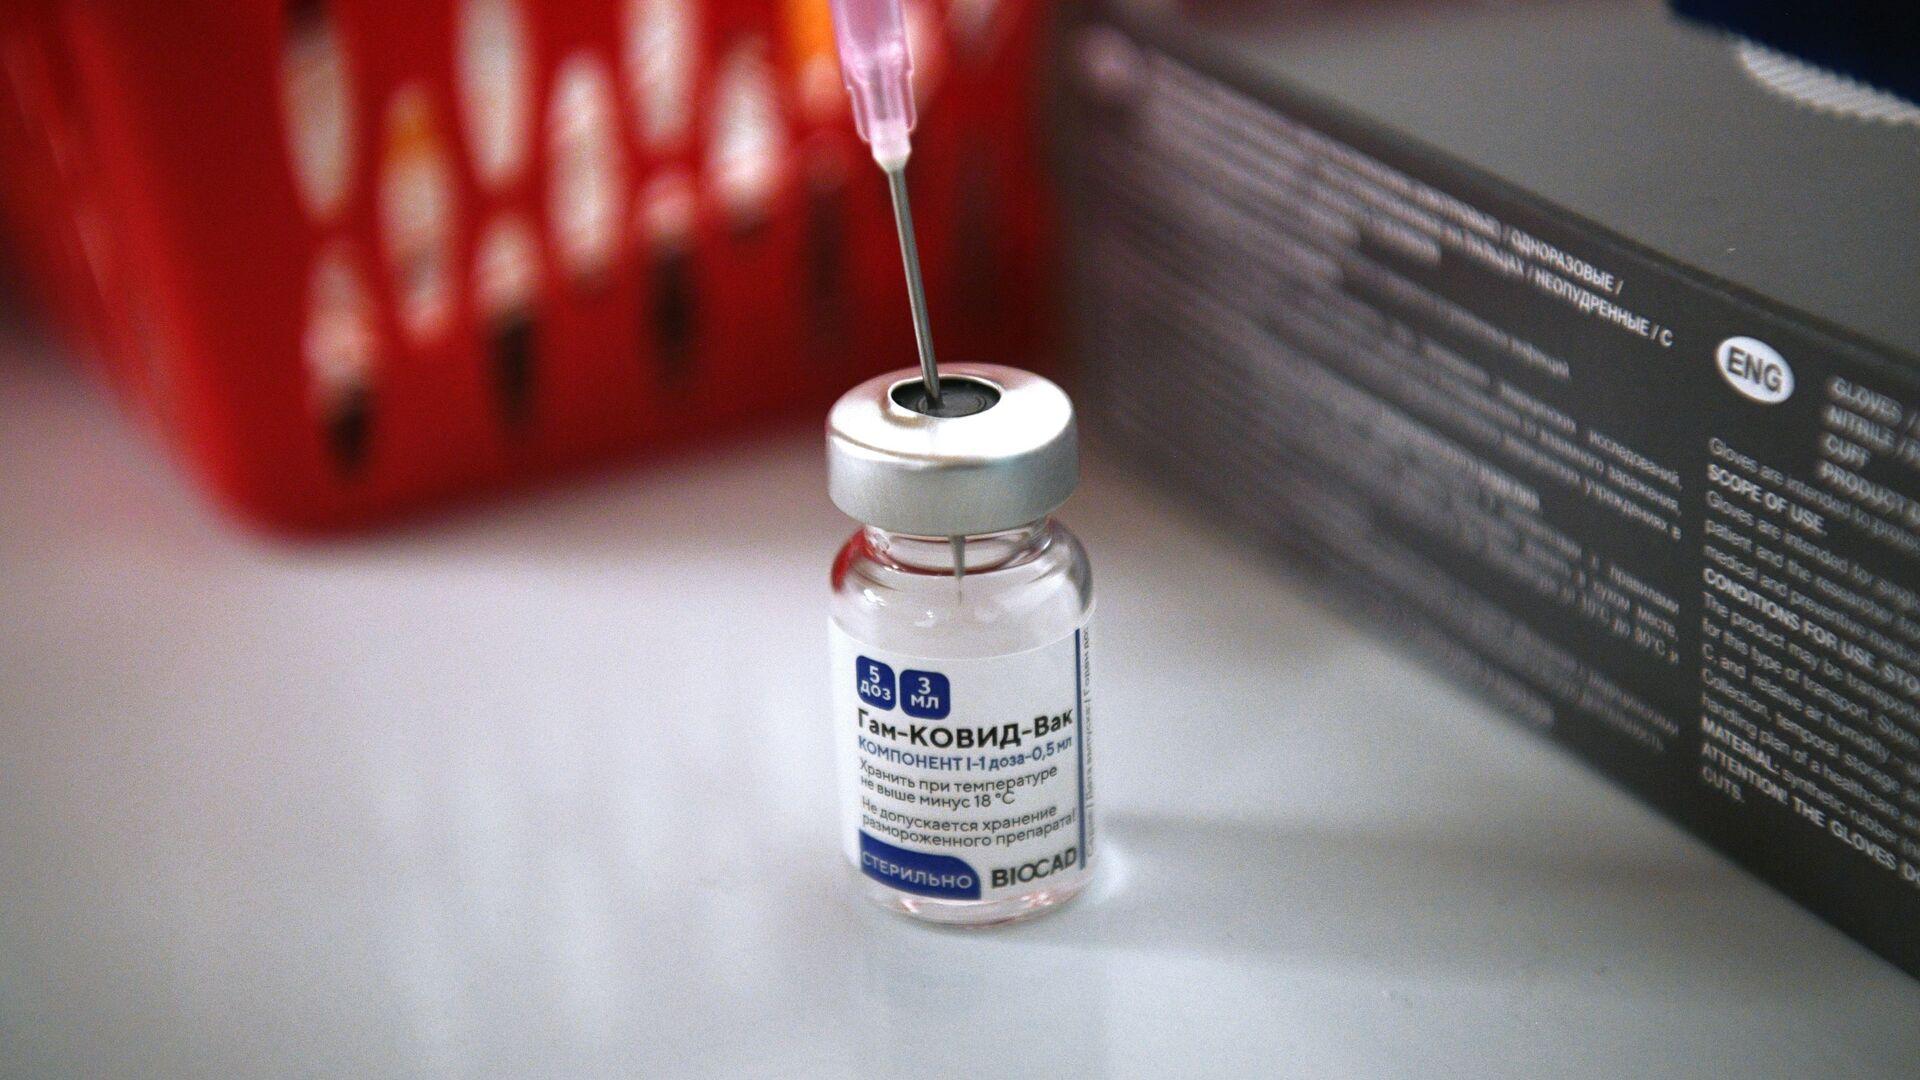 Vacuna rusa contra coronavirus Sputnik V - Sputnik Mundo, 1920, 23.03.2021